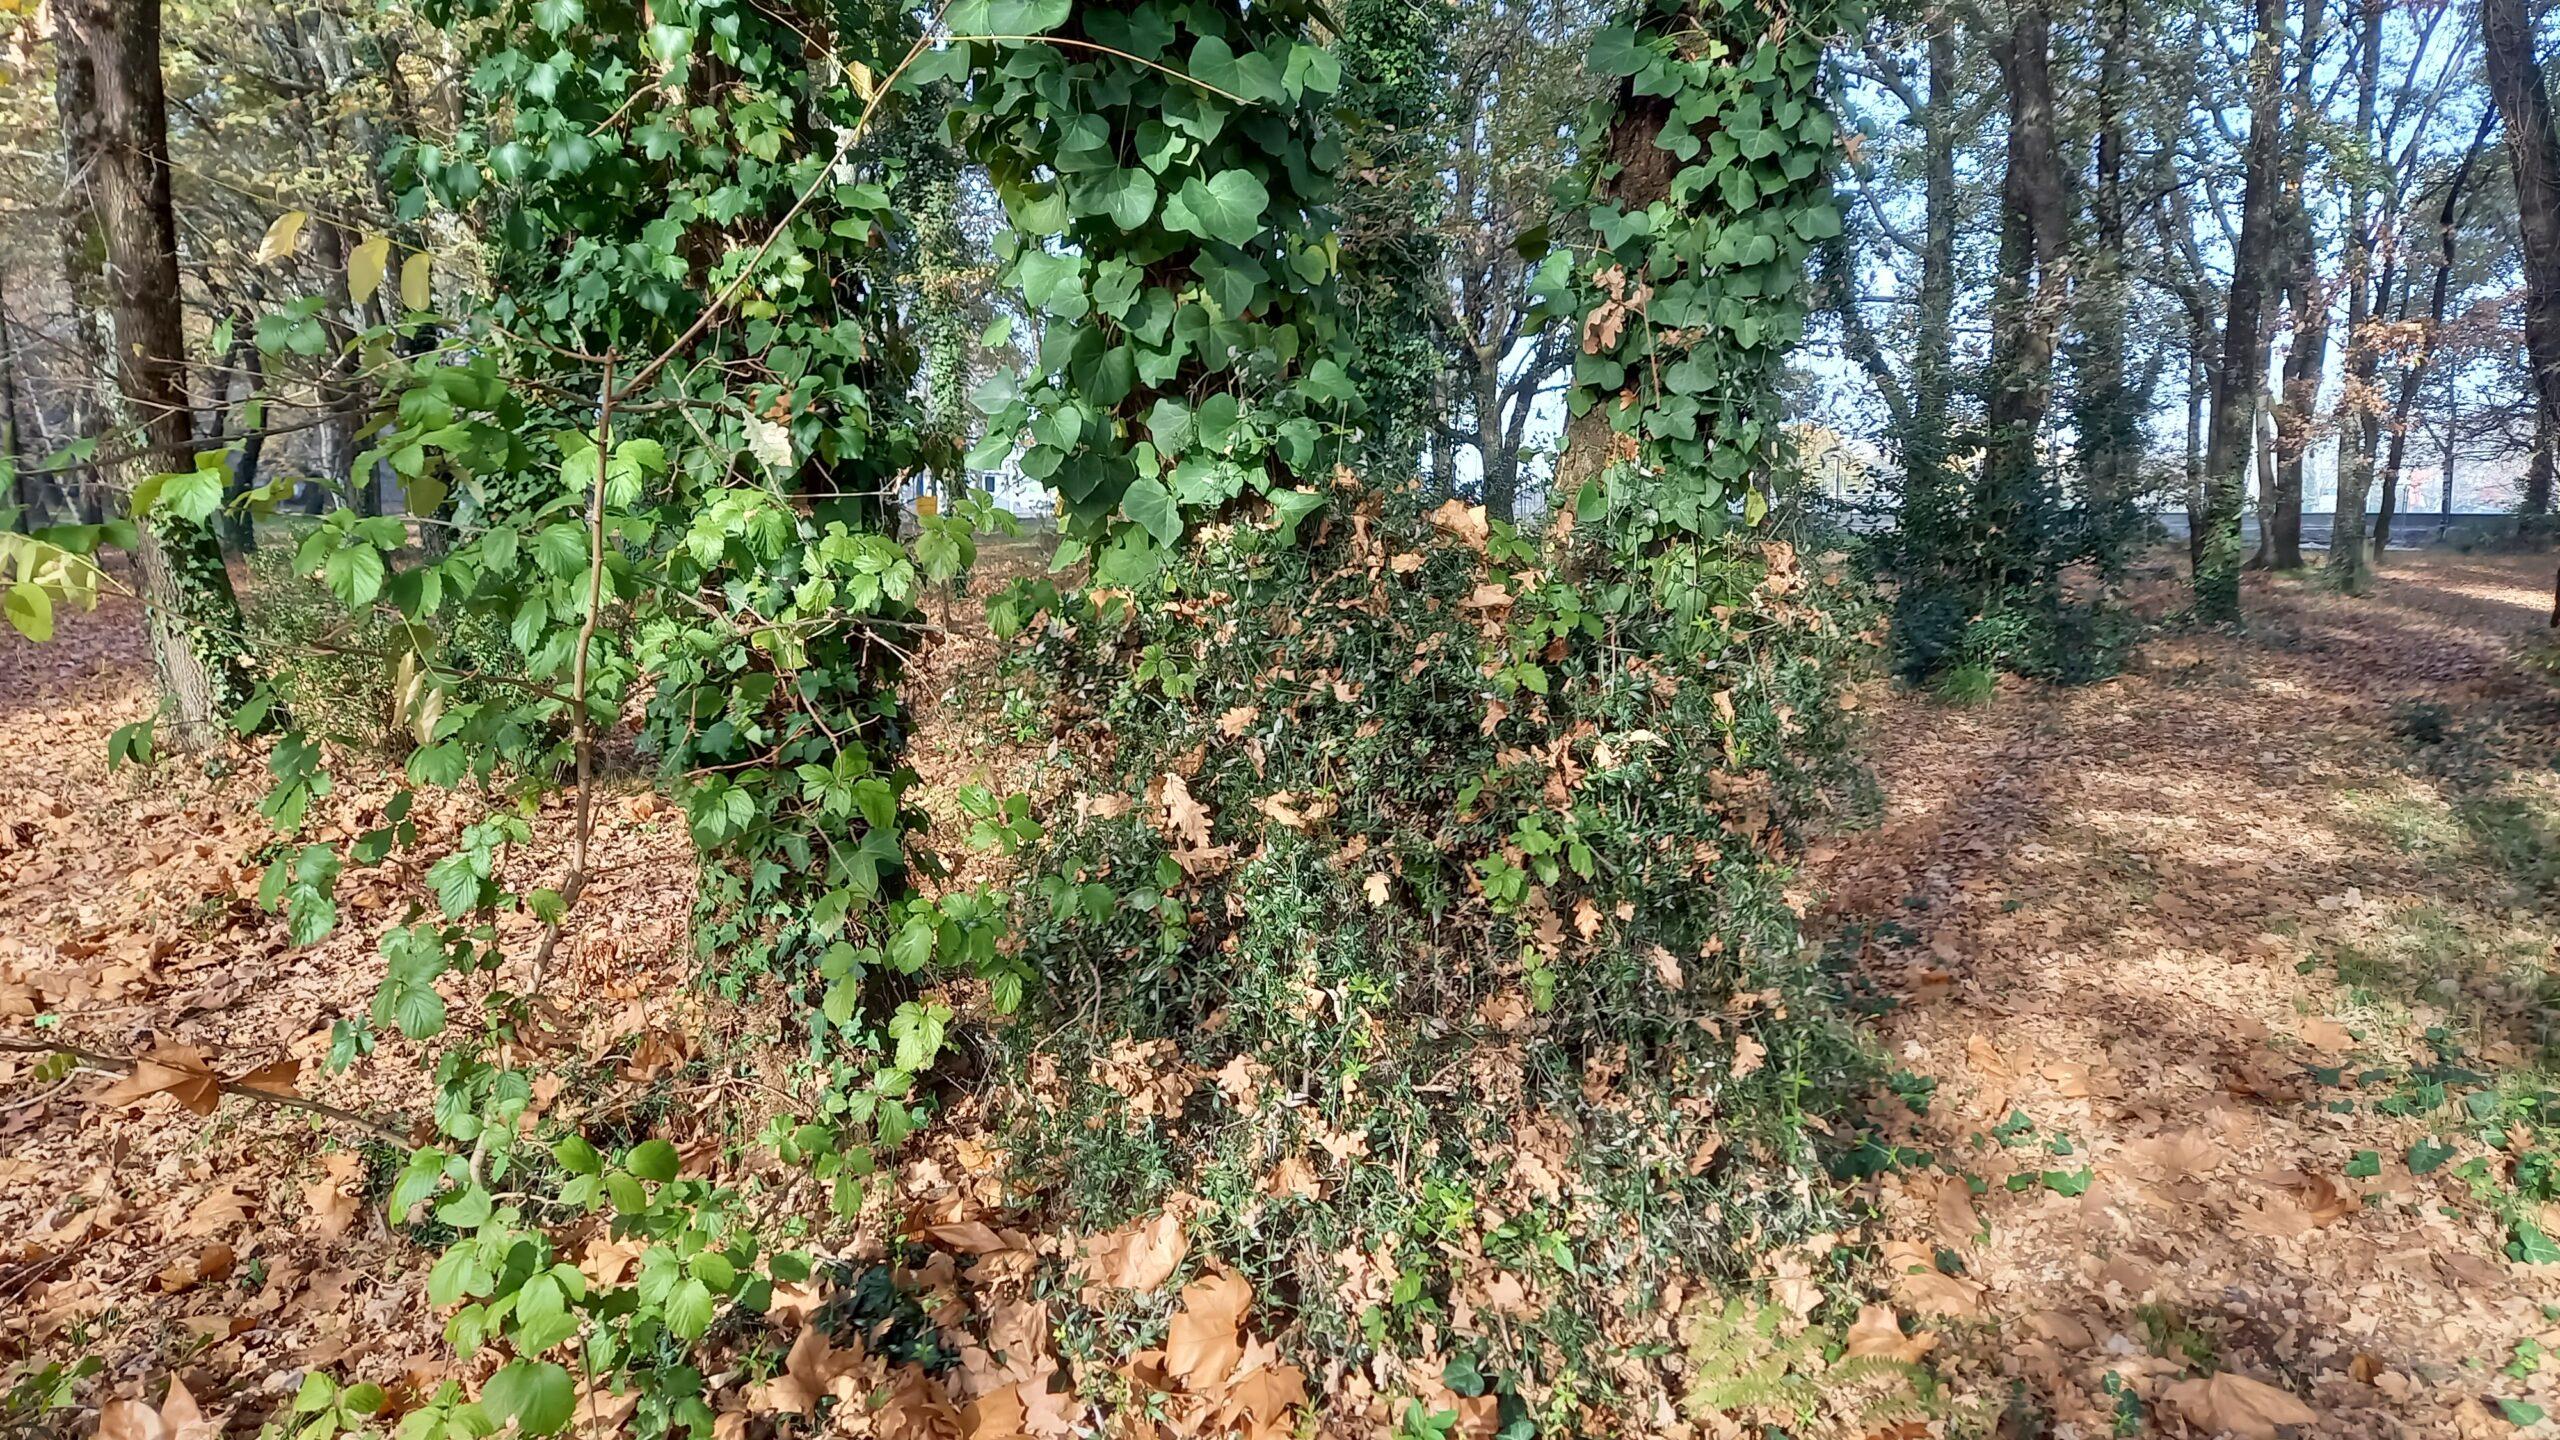 Troncs d'arbres envahis par le lierre.